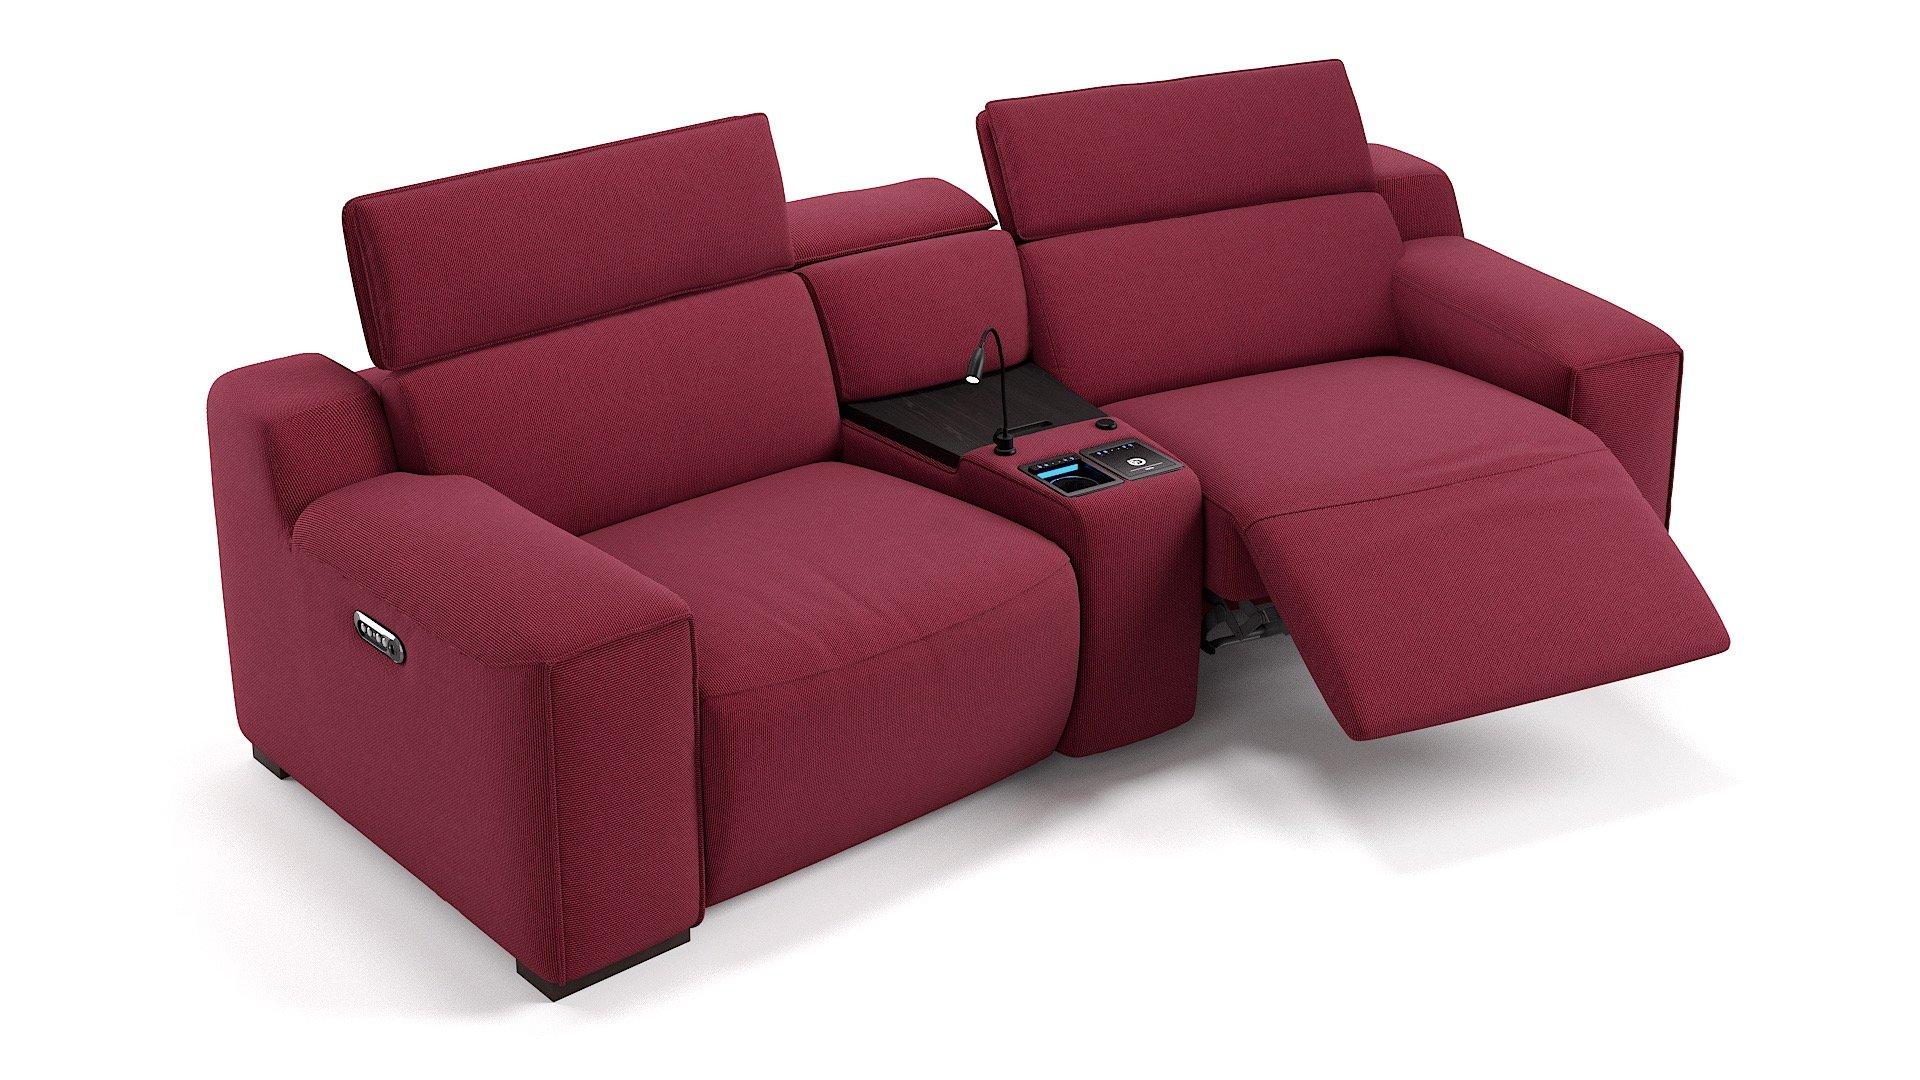 Stoff 2-Sitzer Kinosofa mit einer Mittelkonsole LORETO